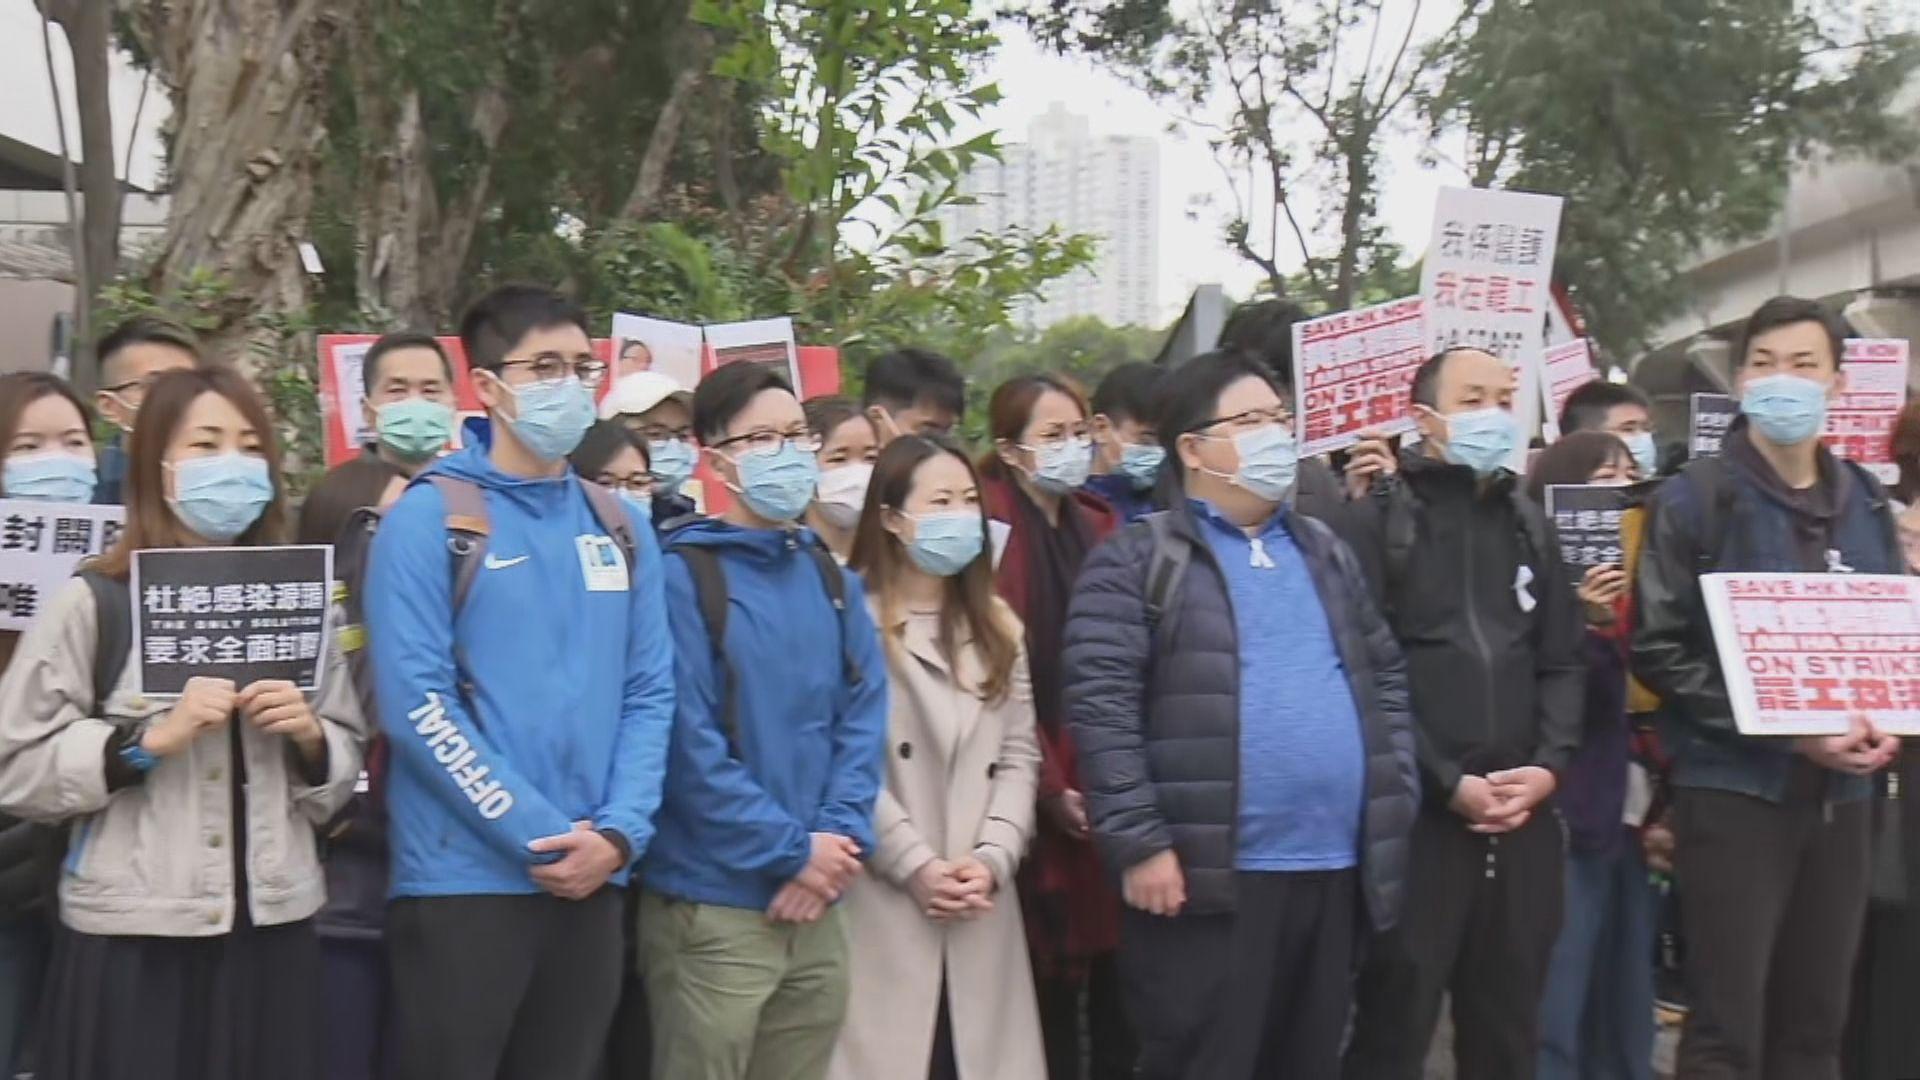 罷工醫護:強制檢疫不等同封關 會繼續罷工